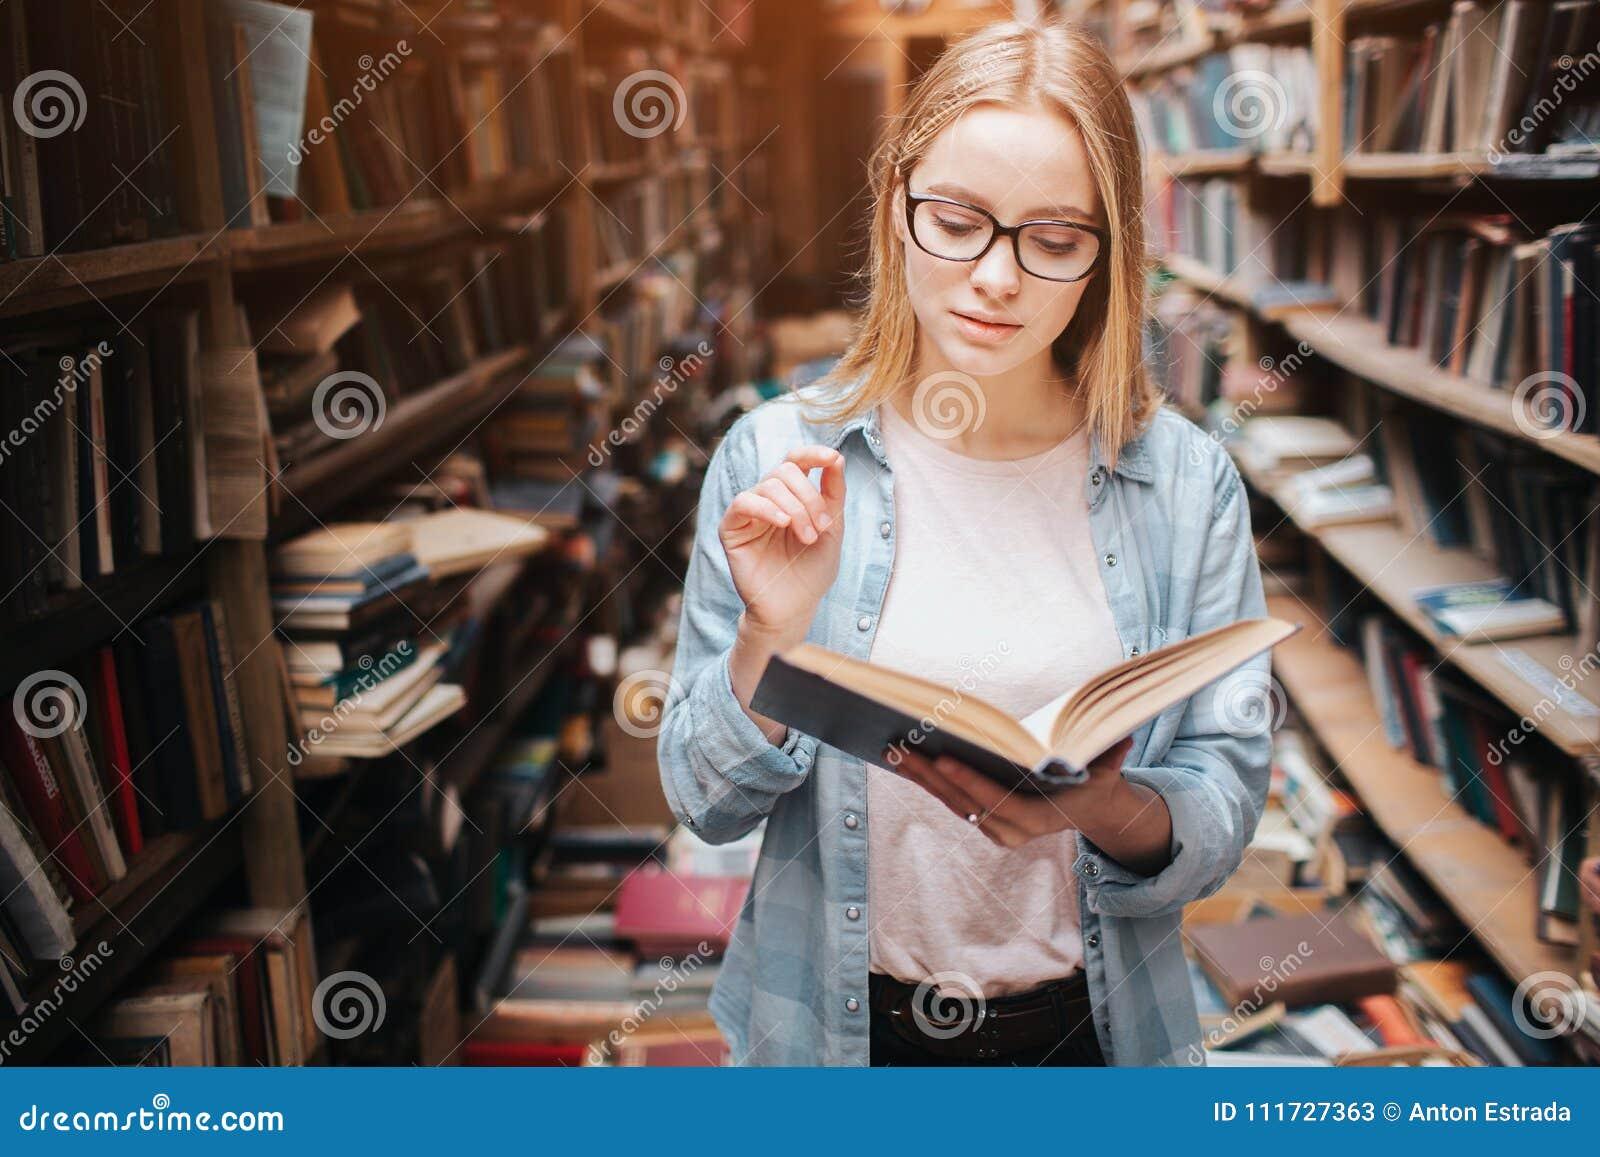 Młody nastolatek jest publicznie biblioteczny Znajdował książkę i czytał je Ten dziewczyna jest spokojna rozważna i pokojowa